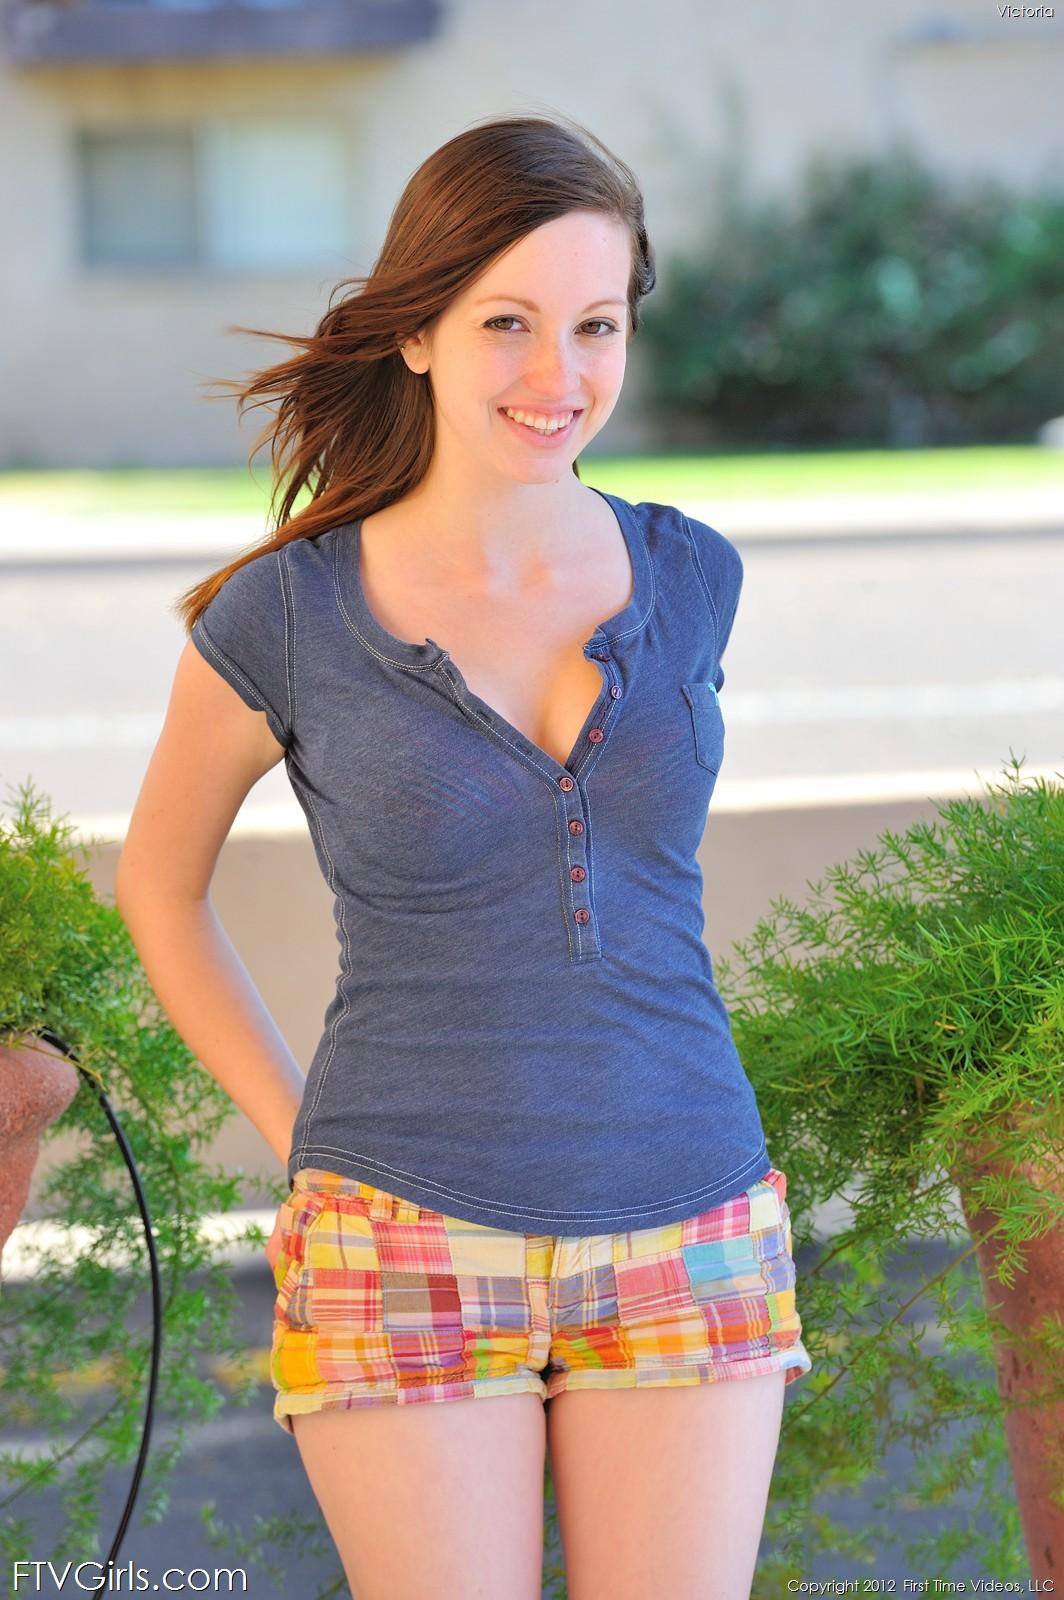 floppy-cute-girl-next-door-teen